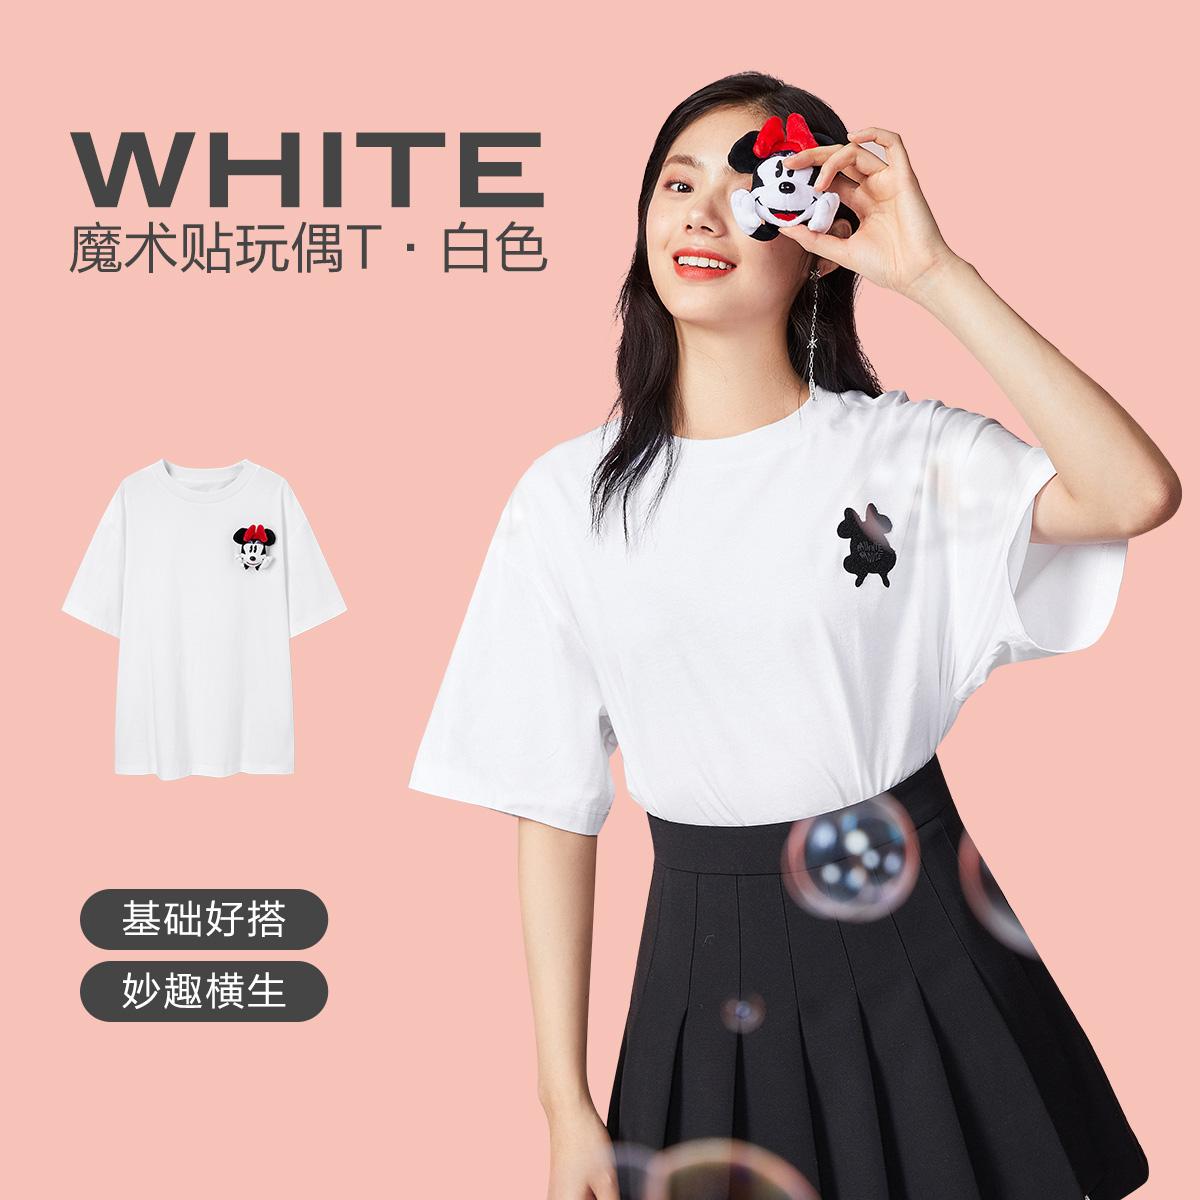 太平鸟 迪士尼米奇授权 魔术贴玩偶 女式短袖T恤 天猫优惠券折后¥119.9包邮(¥169.9-50)